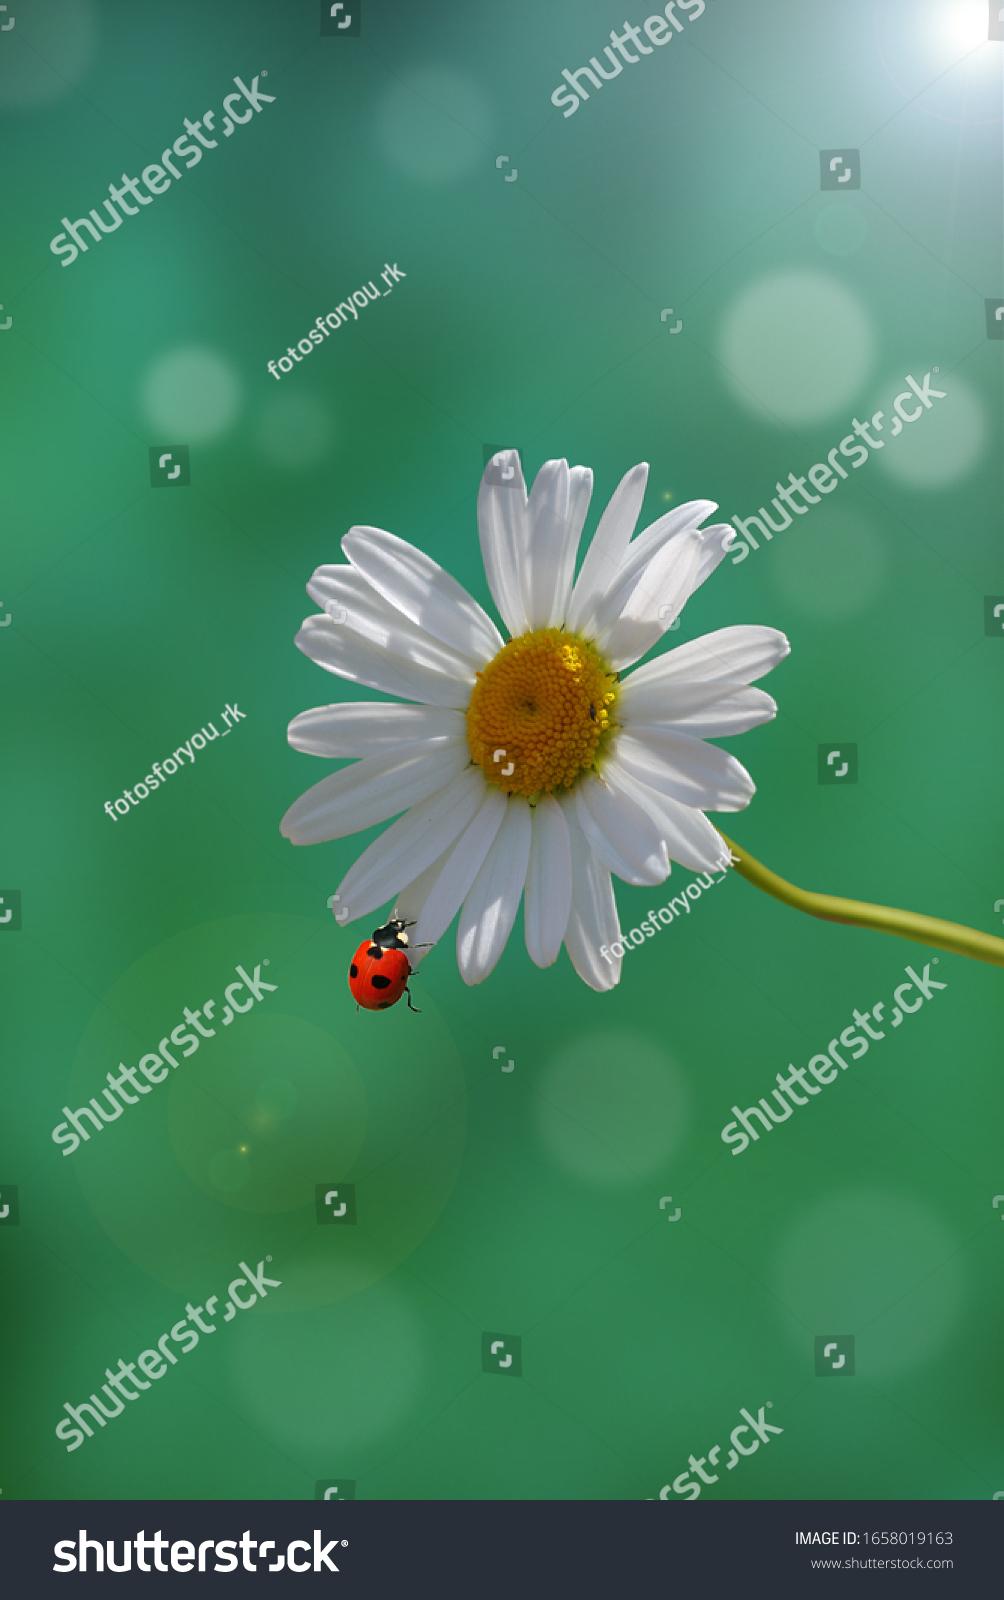 Ladybug sits on a white daisy